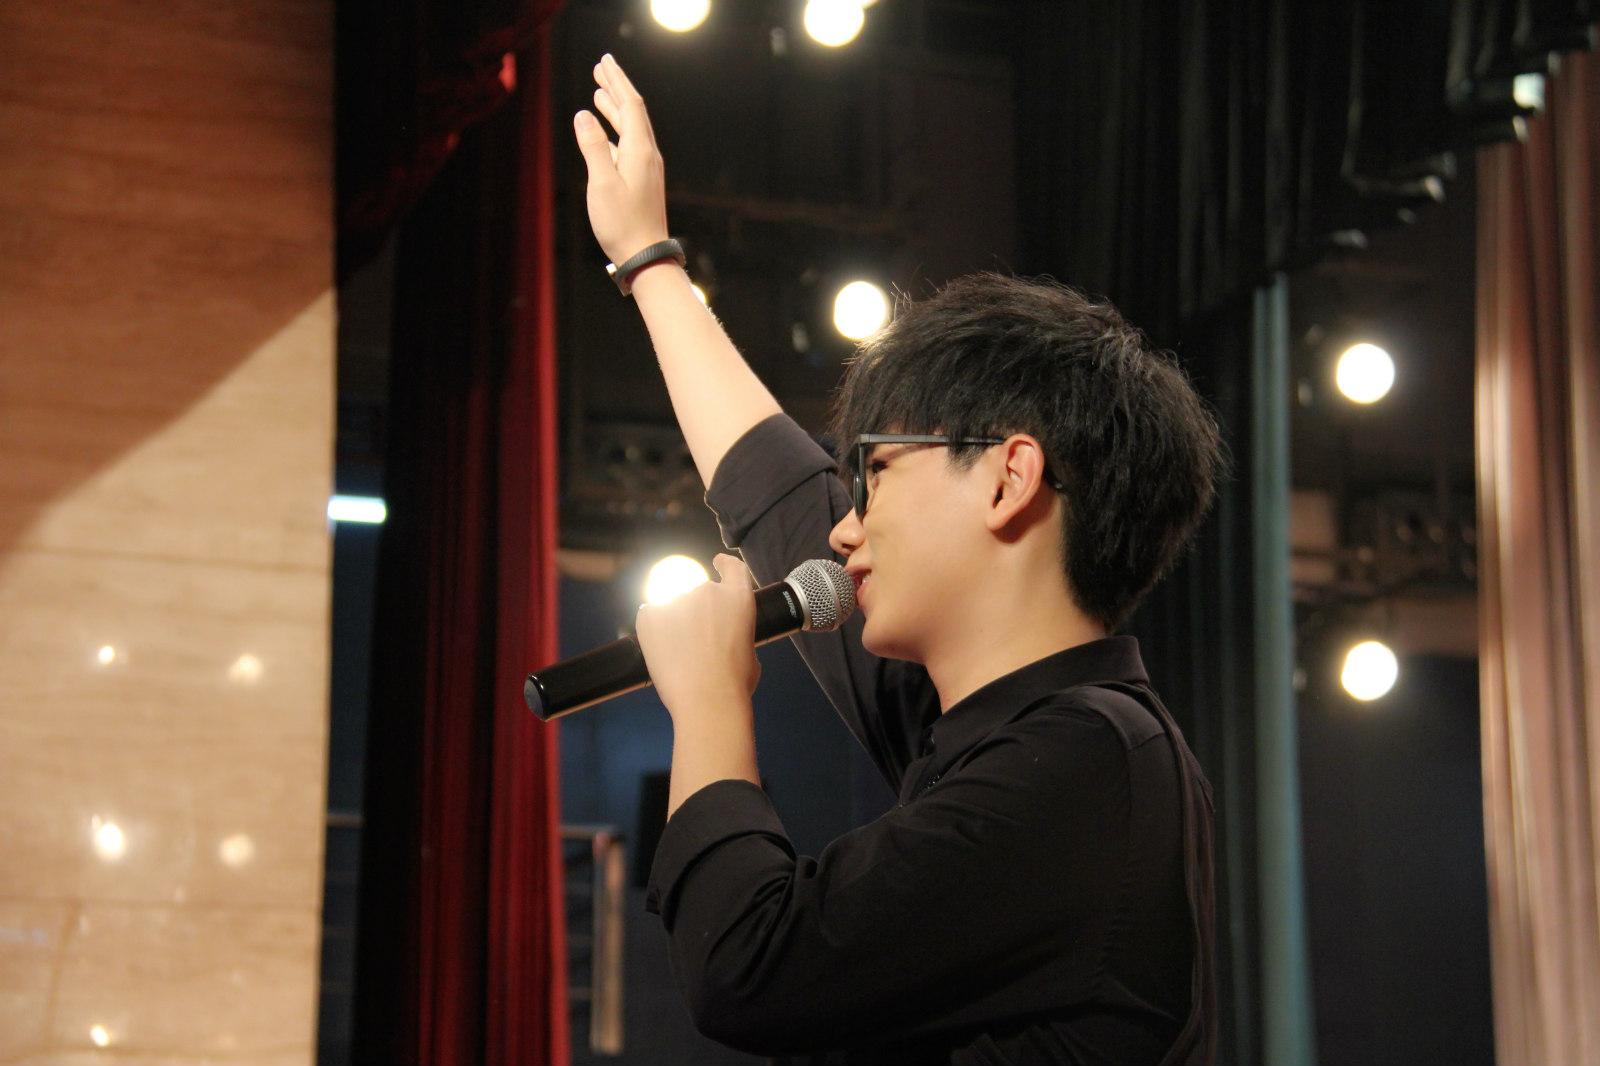 2021汪苏泷上海演唱会门票信息及时间安排